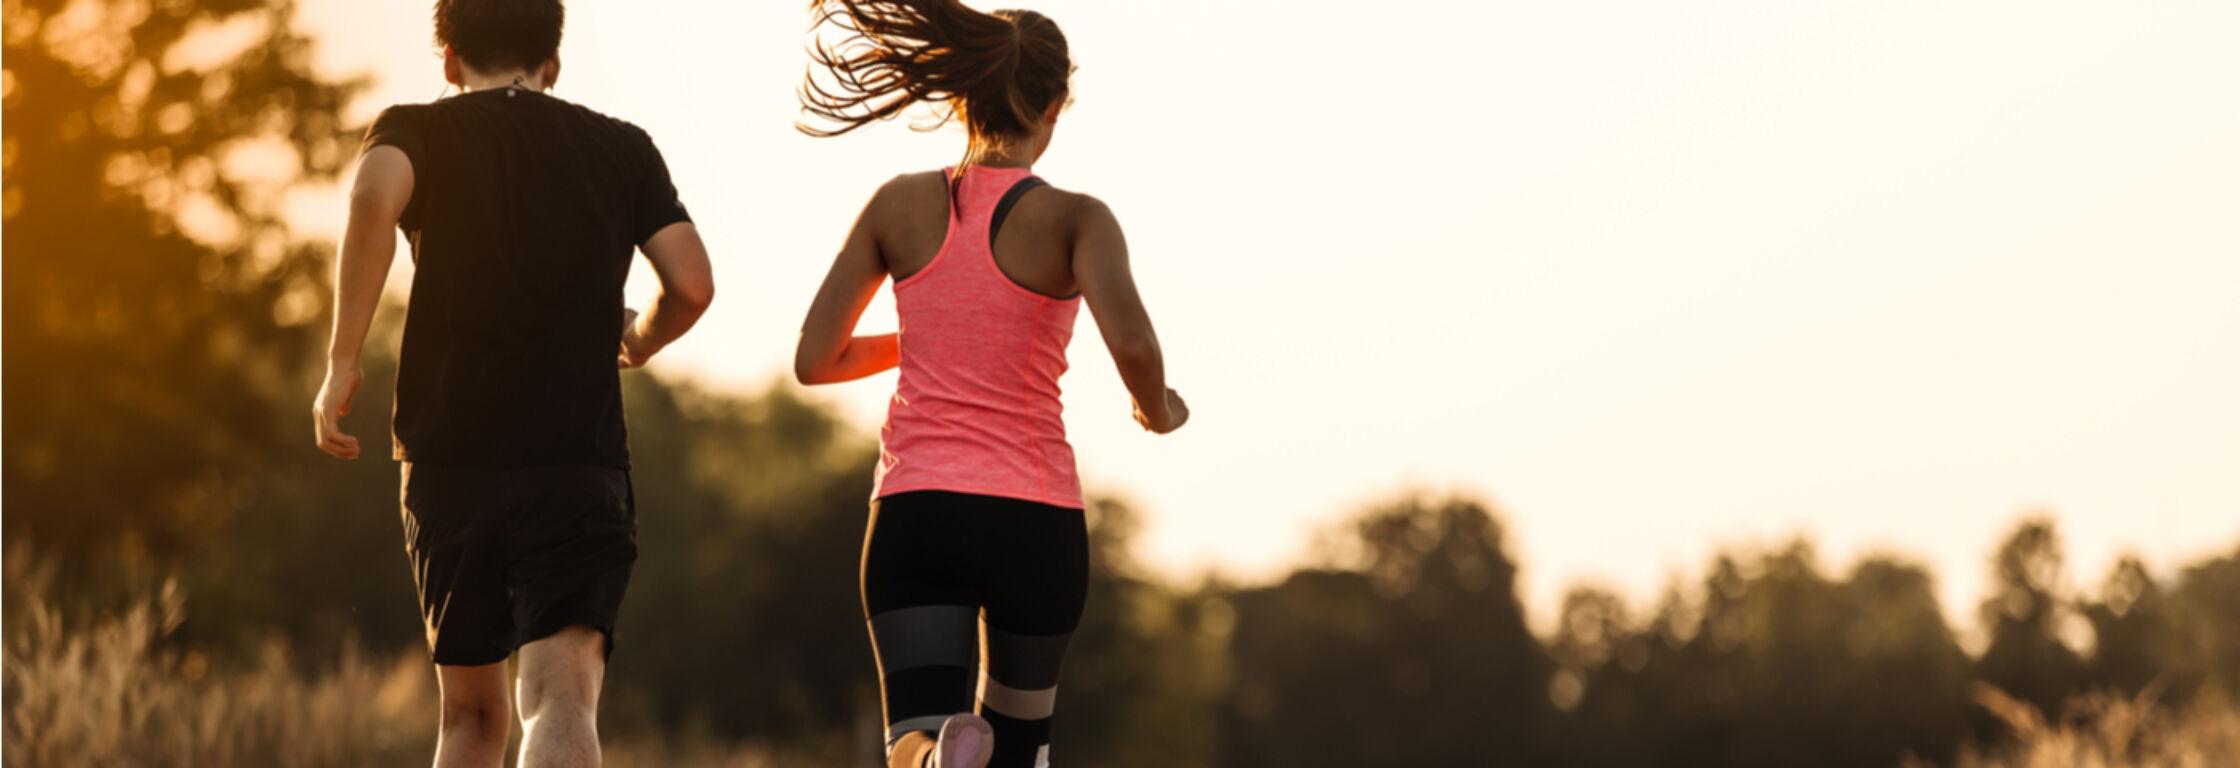 Samen hardlopen is leuk, ook bij grote niveauverschillen (deel 2)